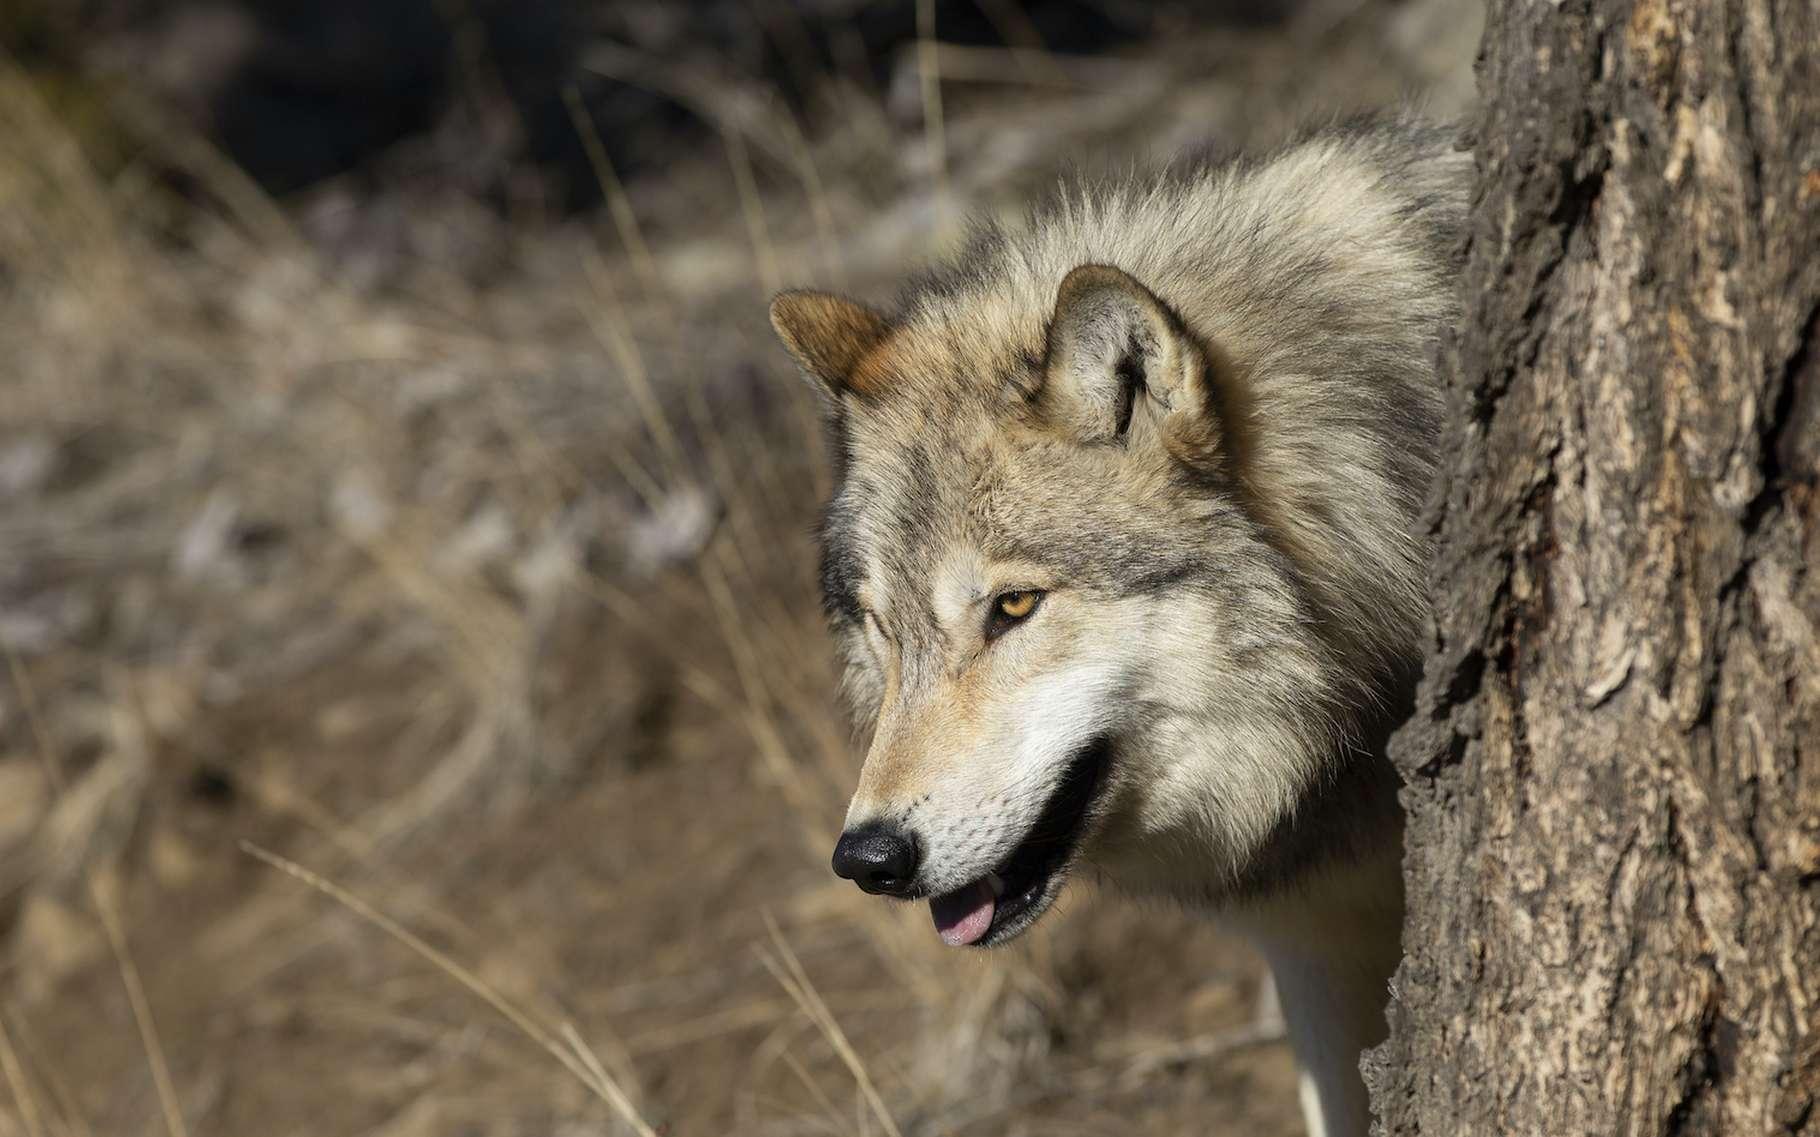 Dans l'esprit du rewilding, la réintroduction de loups dans le parc national de Yellowstone (États-Unis) a été bénéfique à l'ensemble de l'écosystème local. © Dennis Donohue, Adobe Stock